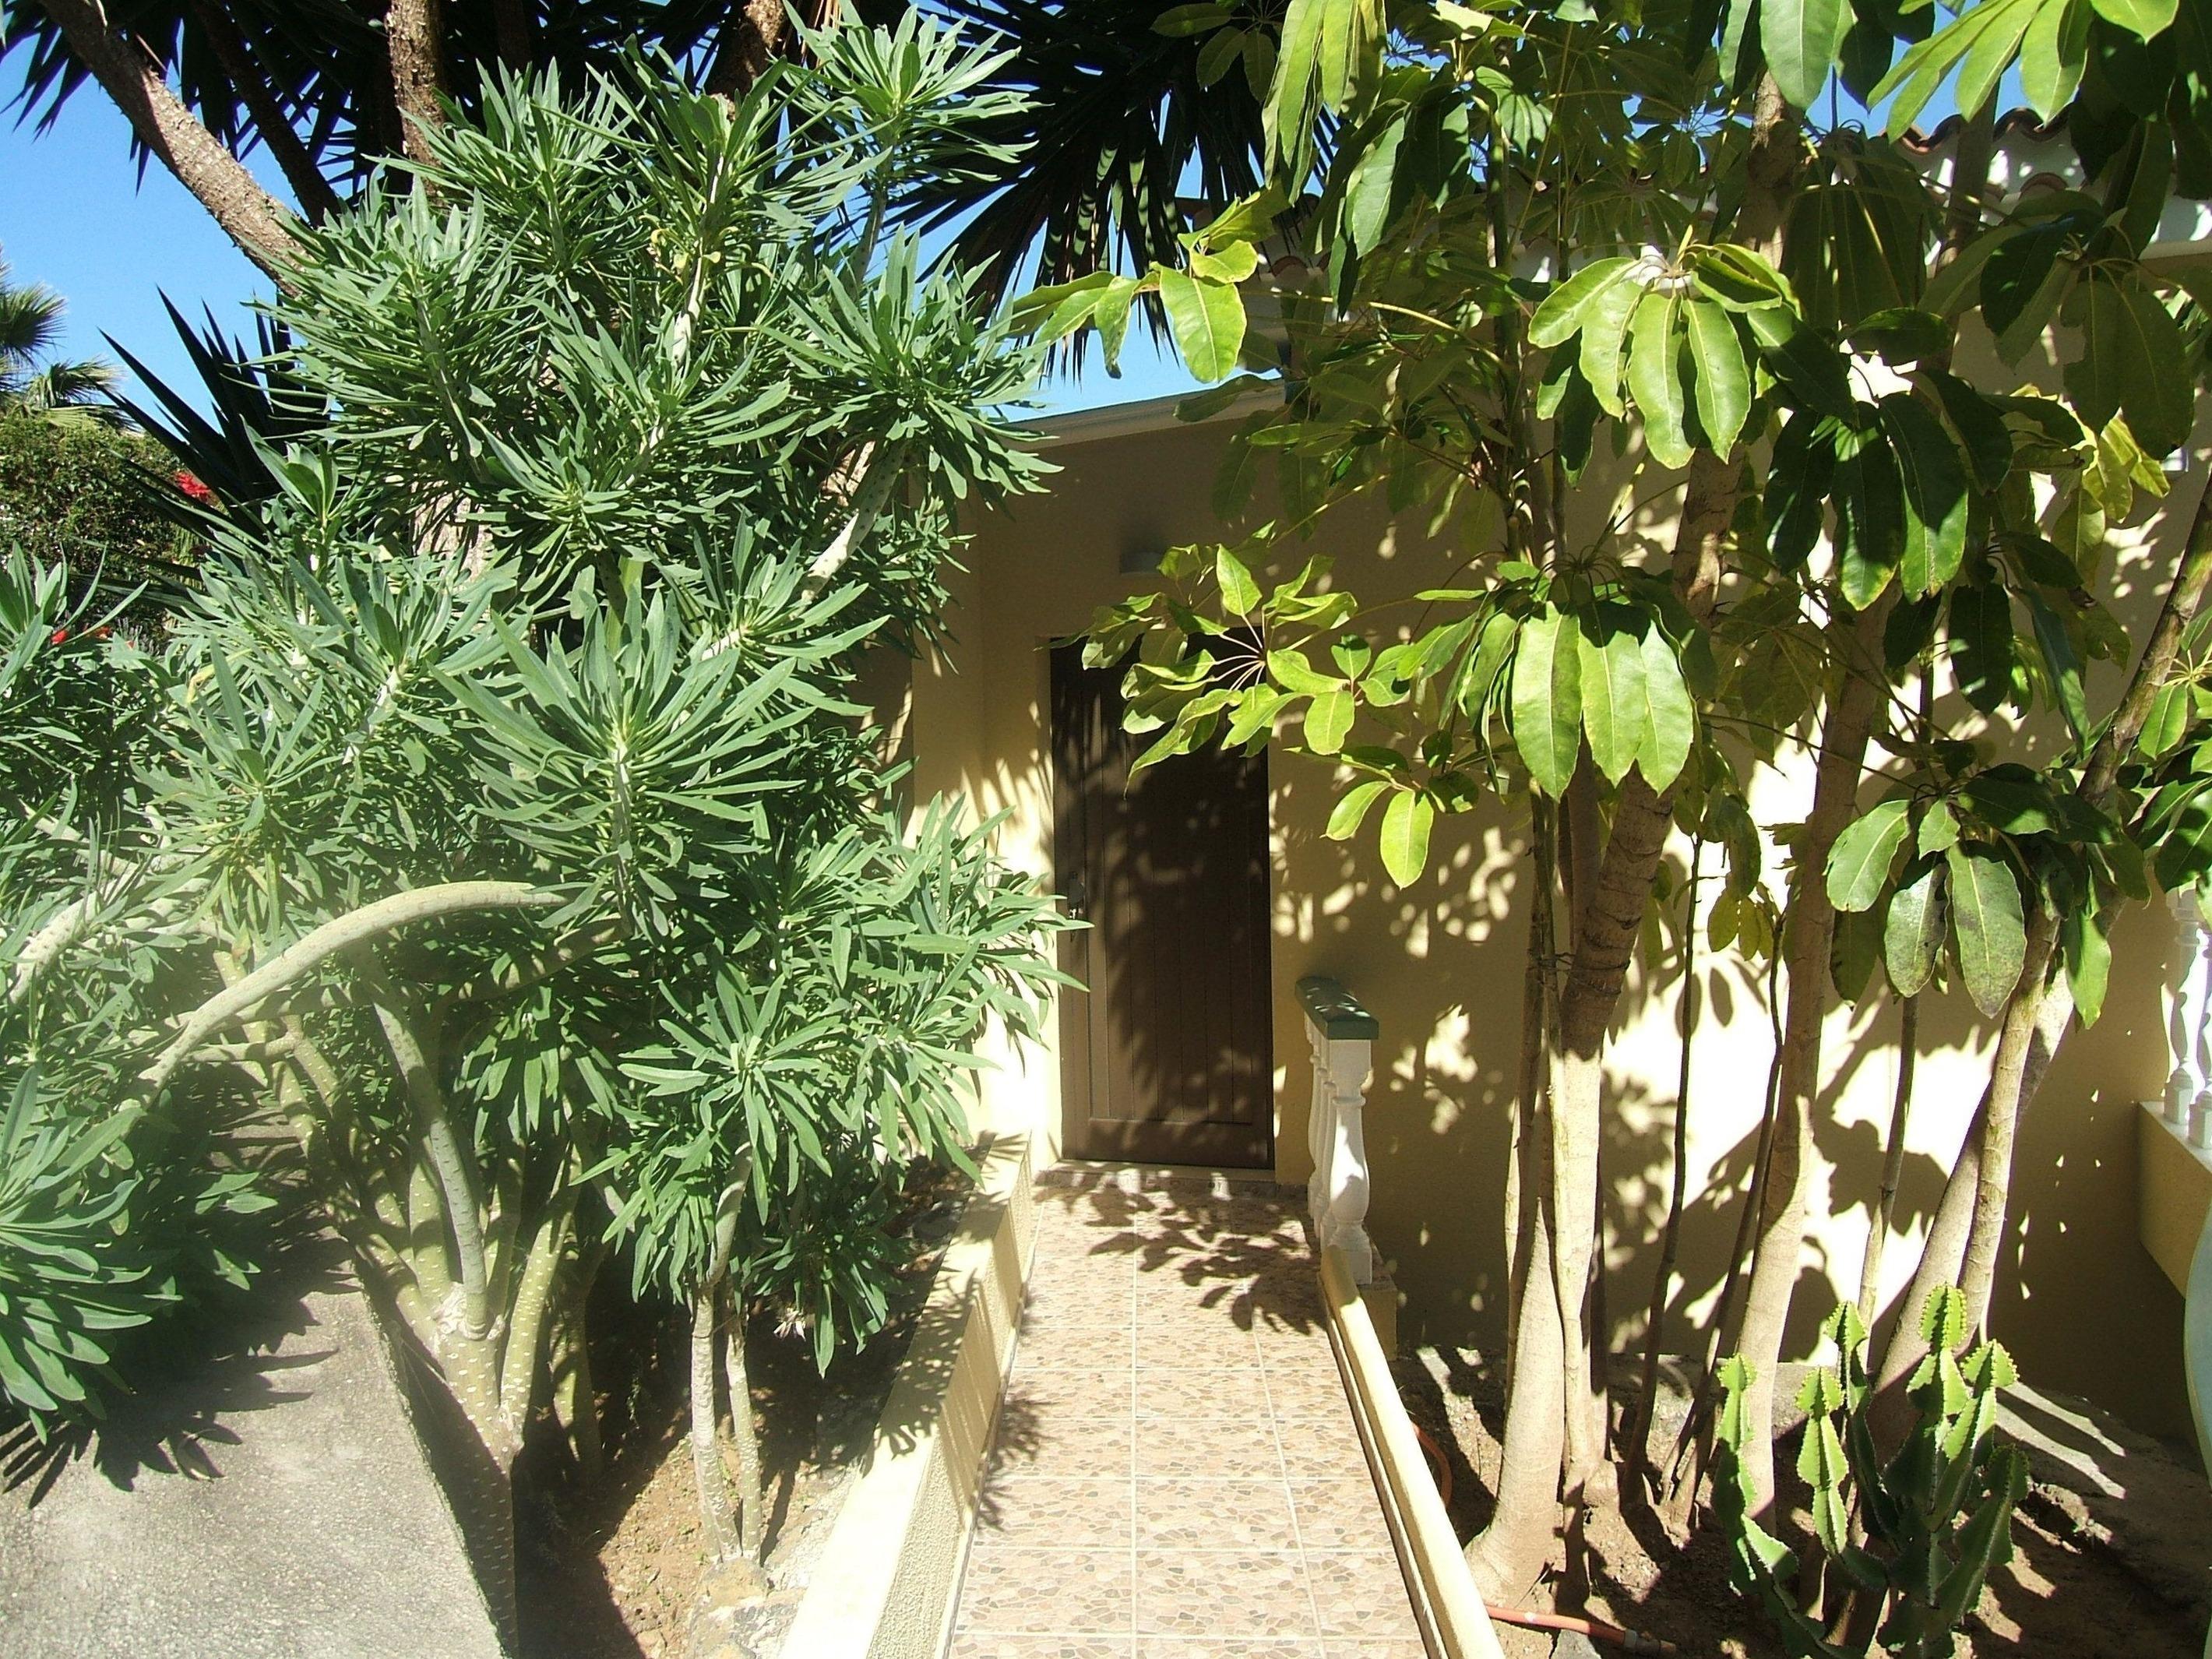 Appartement de vacances Fewo Vistamar mit Meerblick, Pool, grosser Terrasse und Garten, Grill, Parkplatz und WLAN  (2492978), Santa Ursula, Ténérife, Iles Canaries, Espagne, image 11